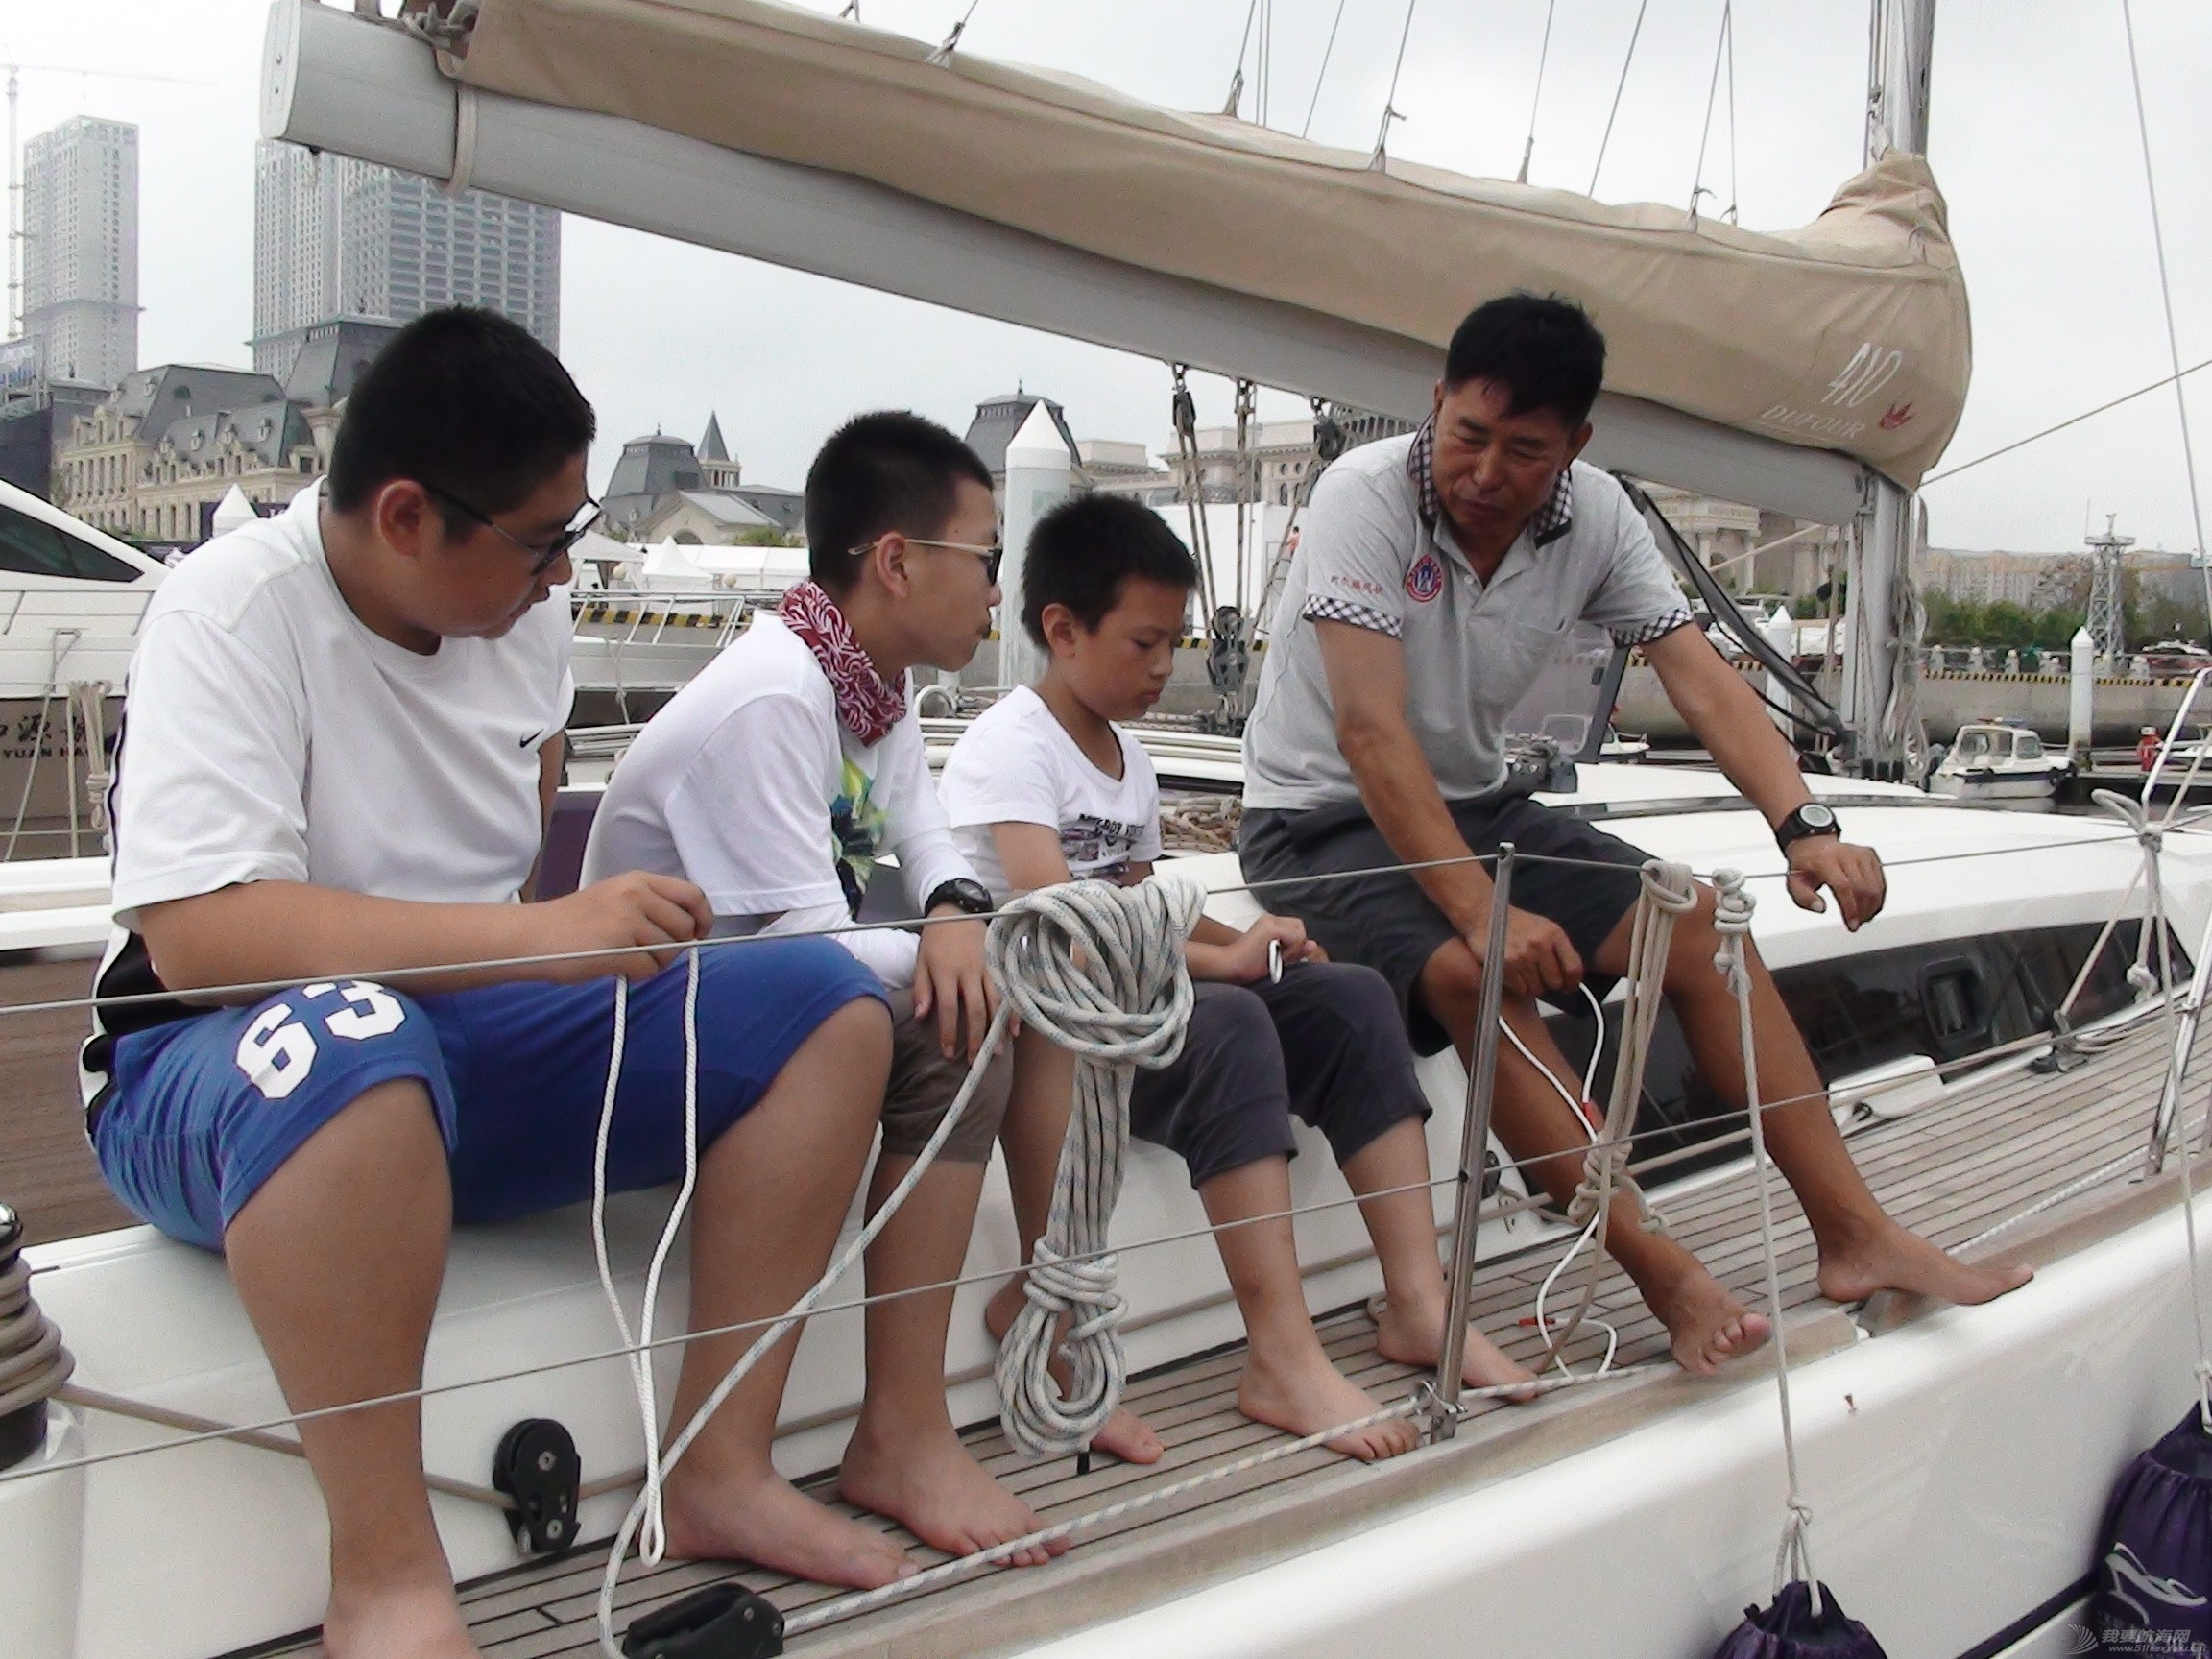 制作光盘,毕业典礼,非凡人生,俱乐部,航海家 小小航海家精英成长计划 DSC00135.JPG